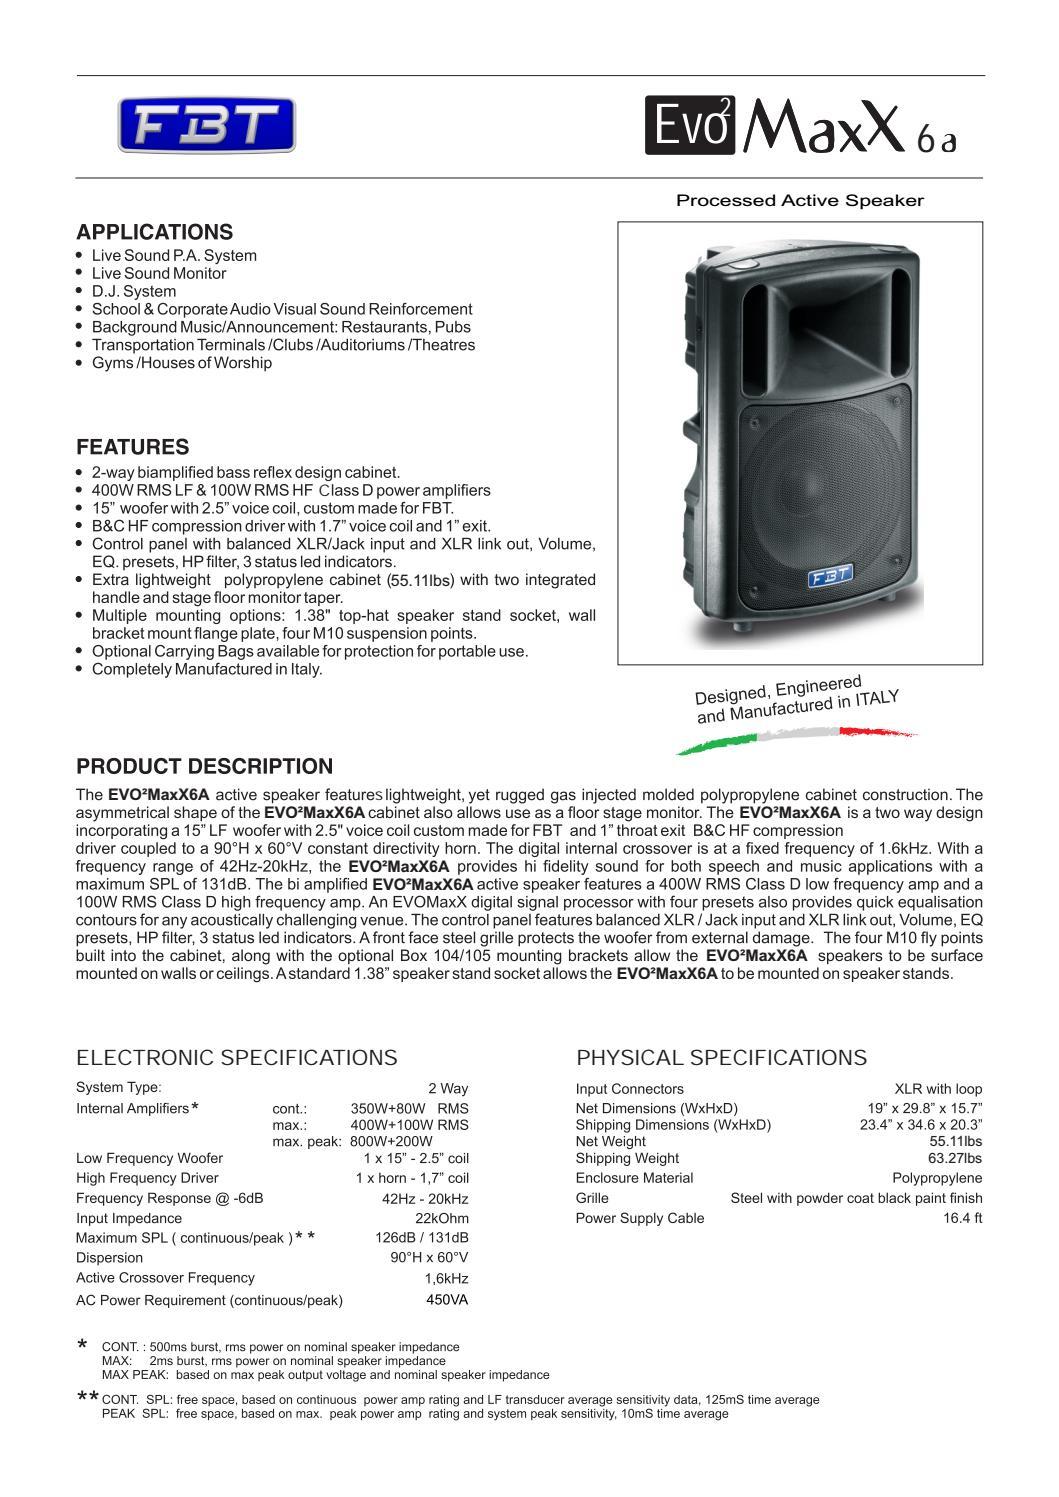 EVO2MaxX 6A by FBT Elettronica S p A  - Issuu